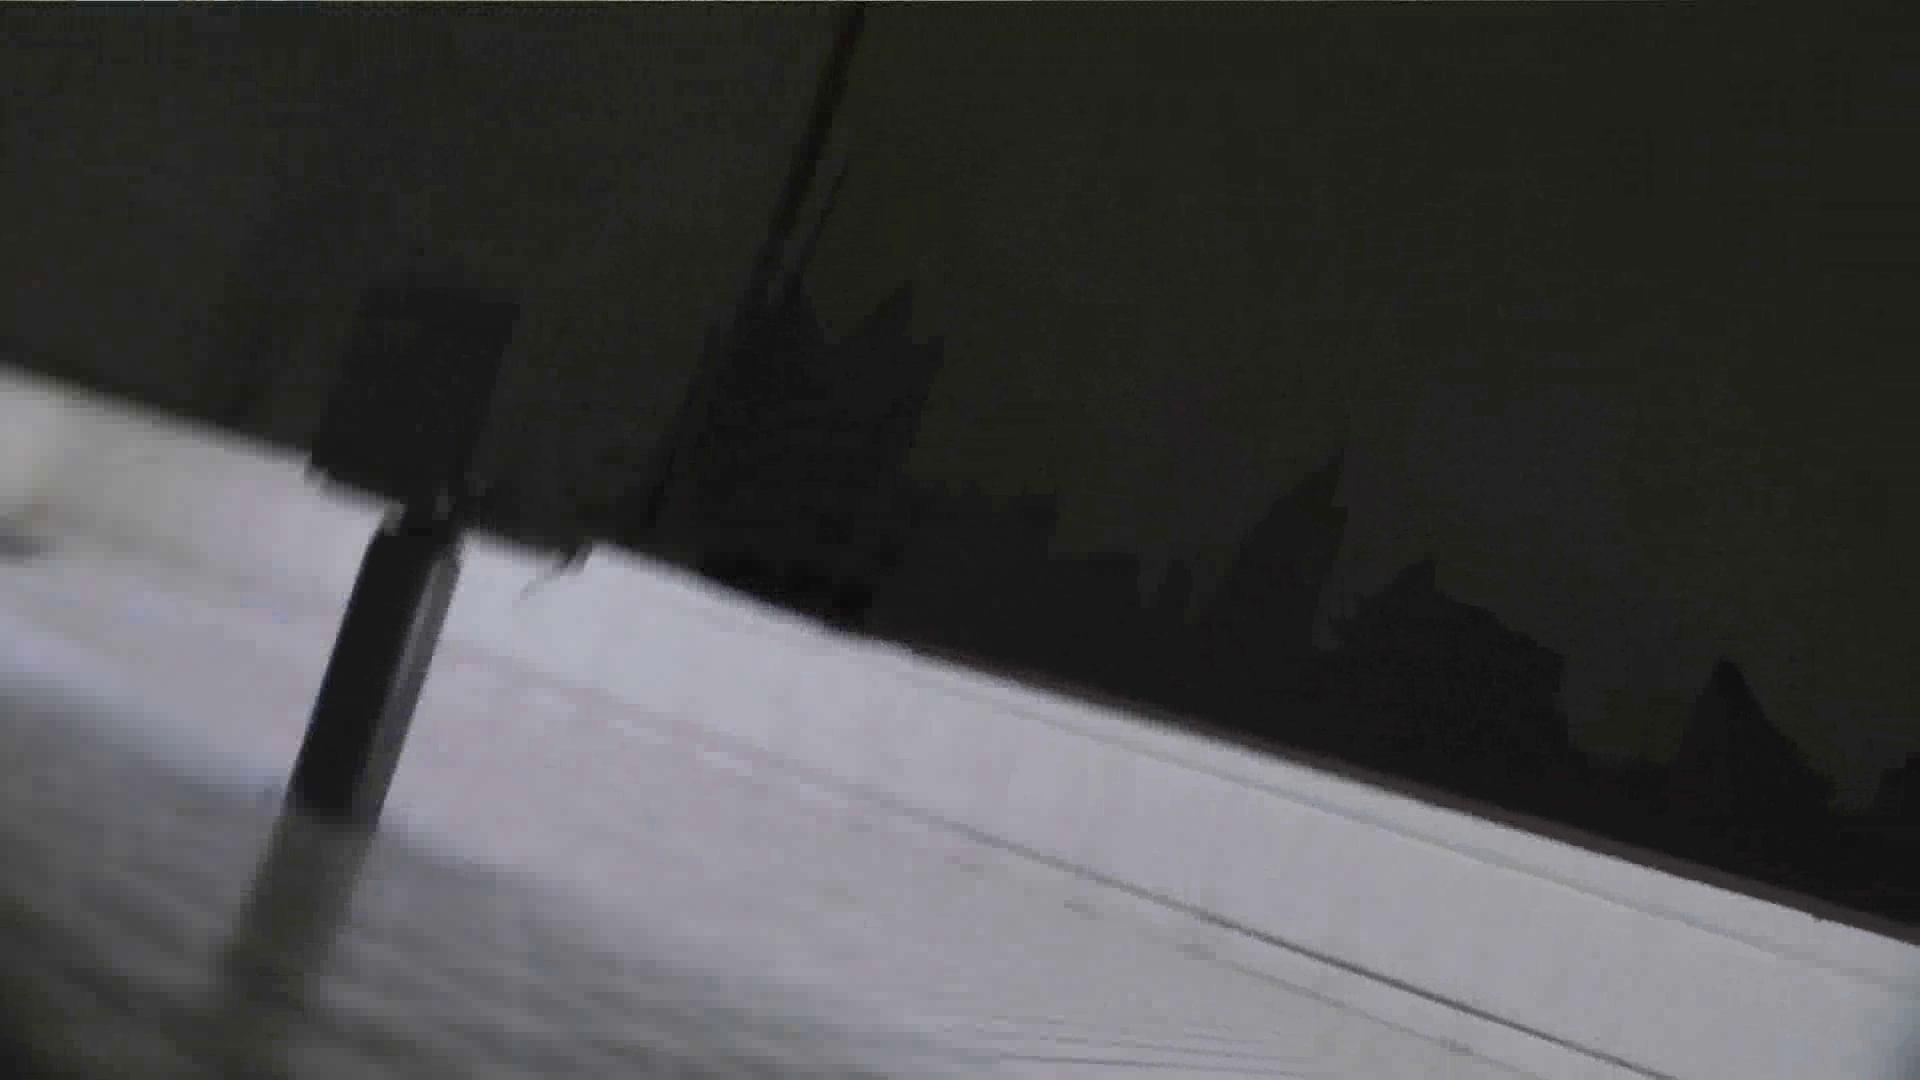 【美しき個室な世界】 vol.023 めんこい人たち 洗面所  100pic 50